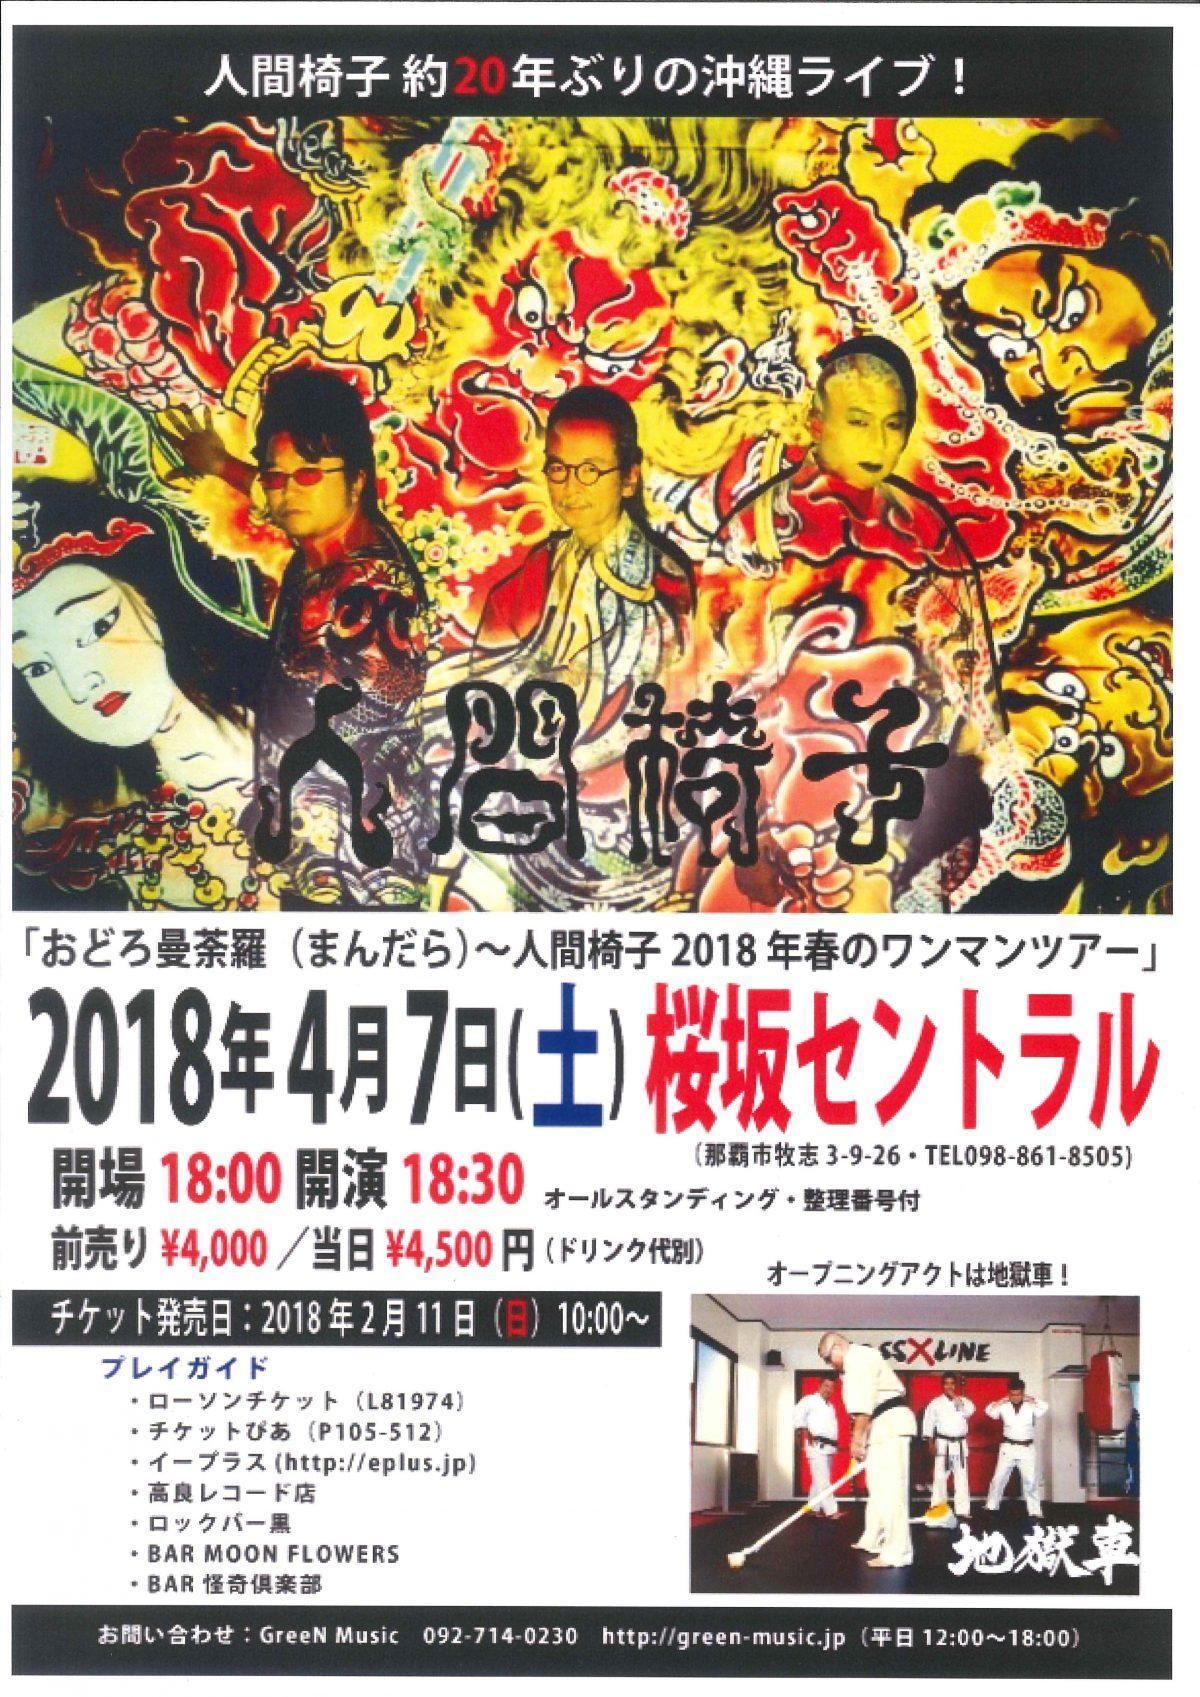 人間椅子沖縄ライブのチラシ&ポスター届きました!